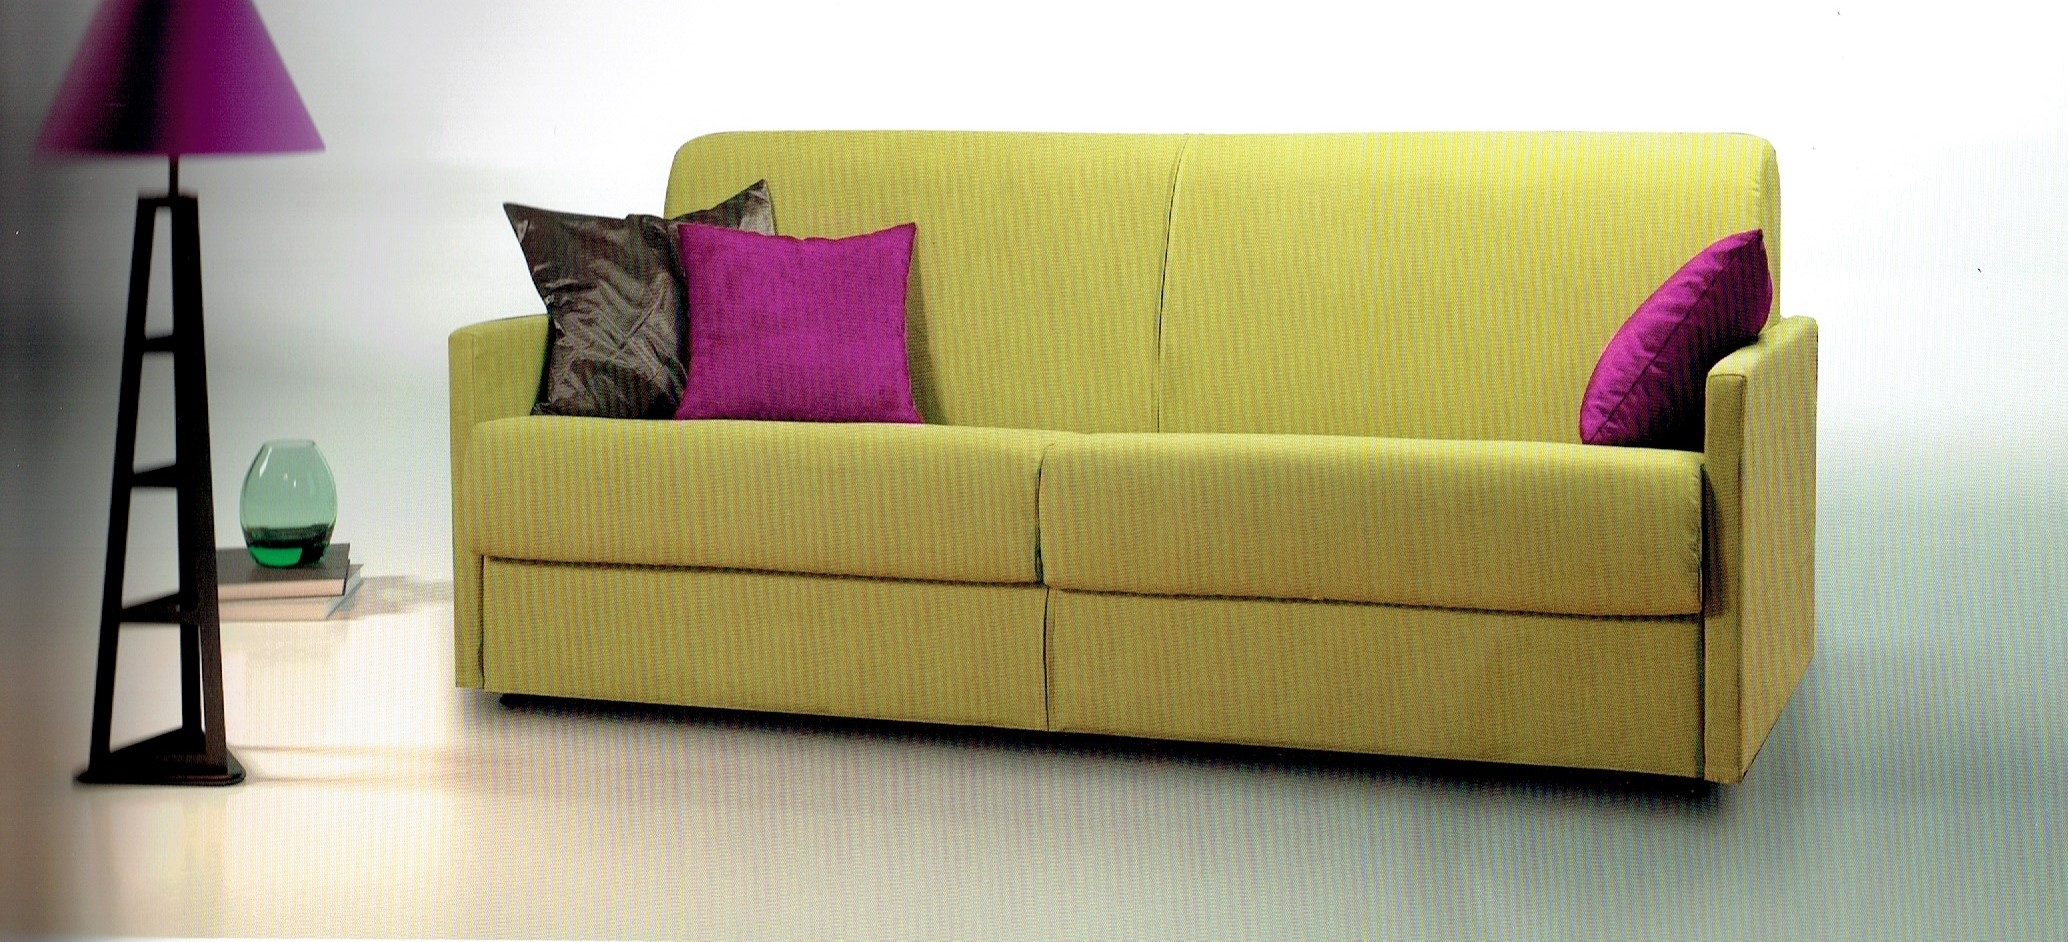 divano letto errebi scontato divani a prezzi scontati